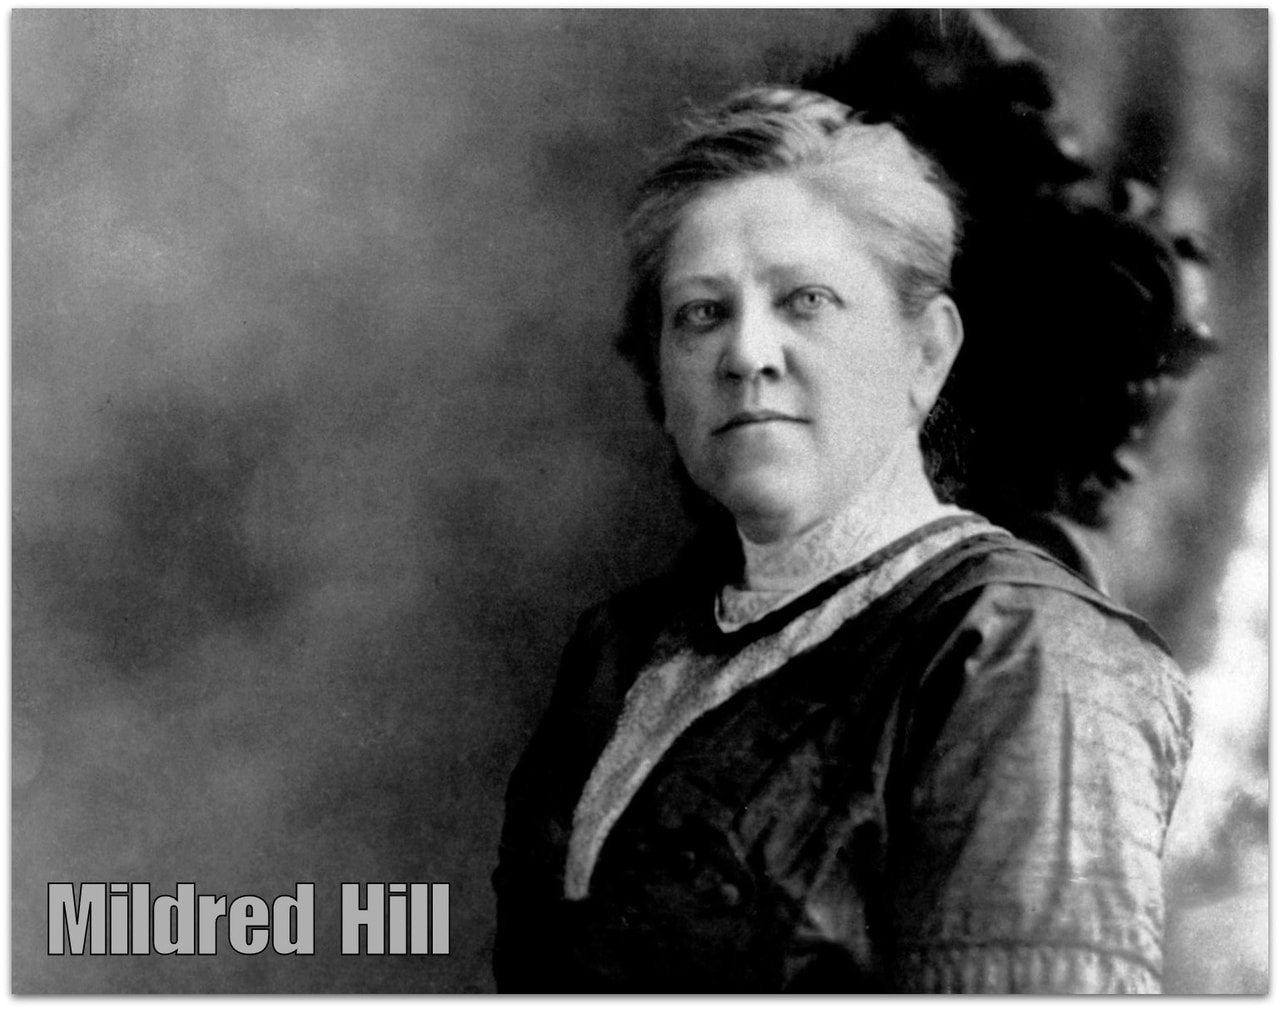 27 июня. Милдред Джейн Хилл.